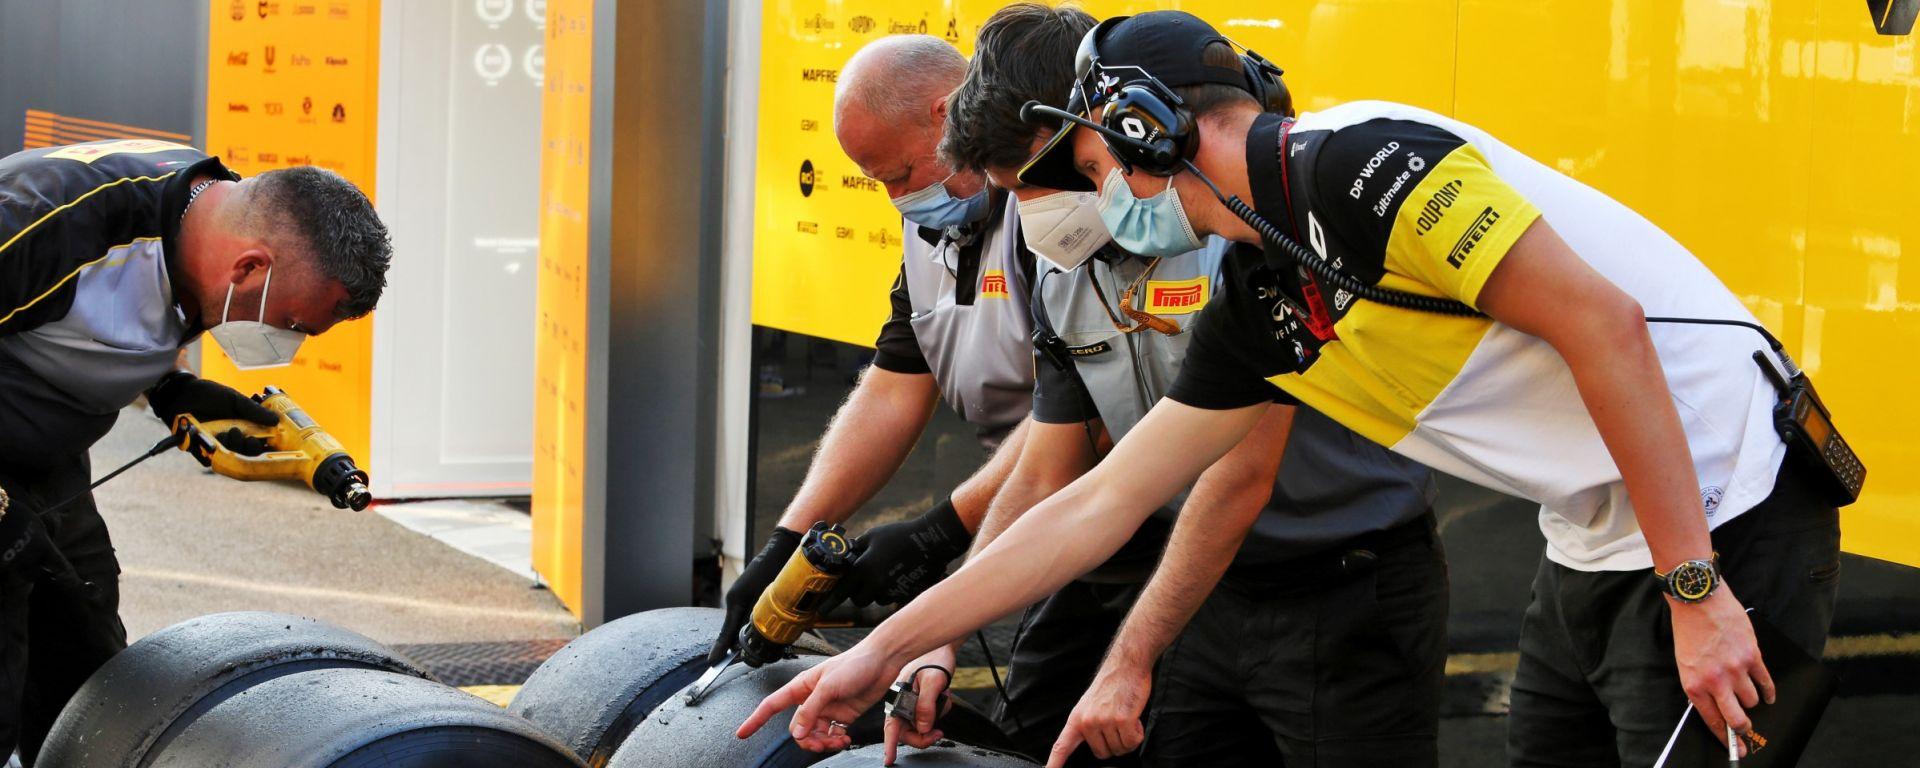 F1, GP Toscana 2020: controlli sugli pneumatici Pirelli